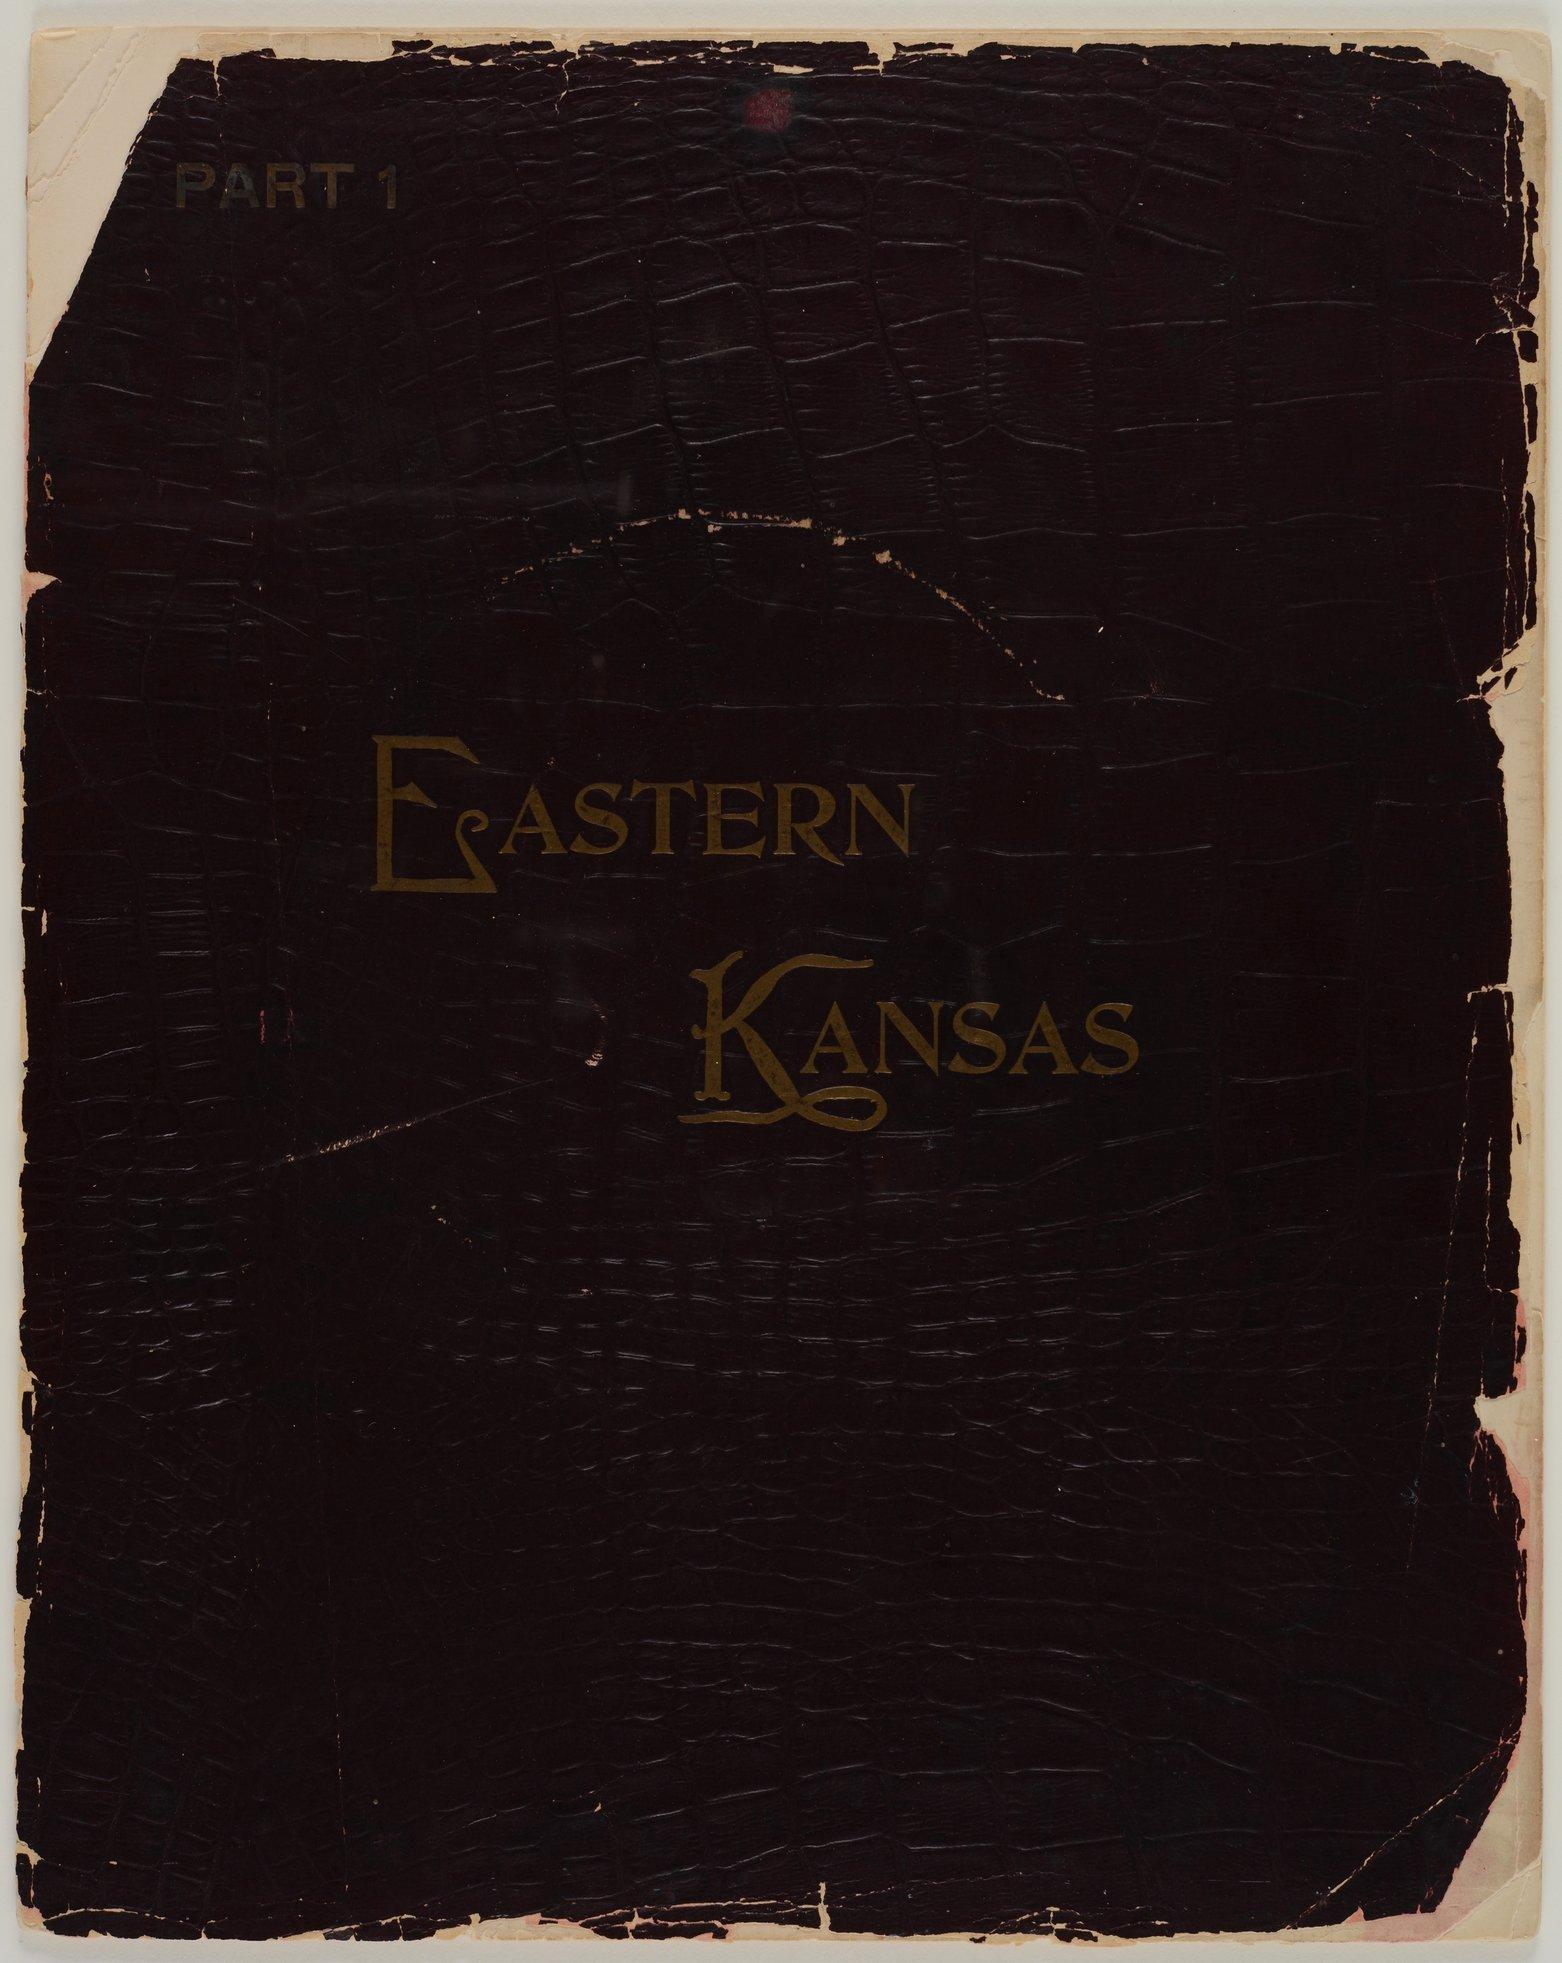 Art Work on Eastern Kansas - Front cover